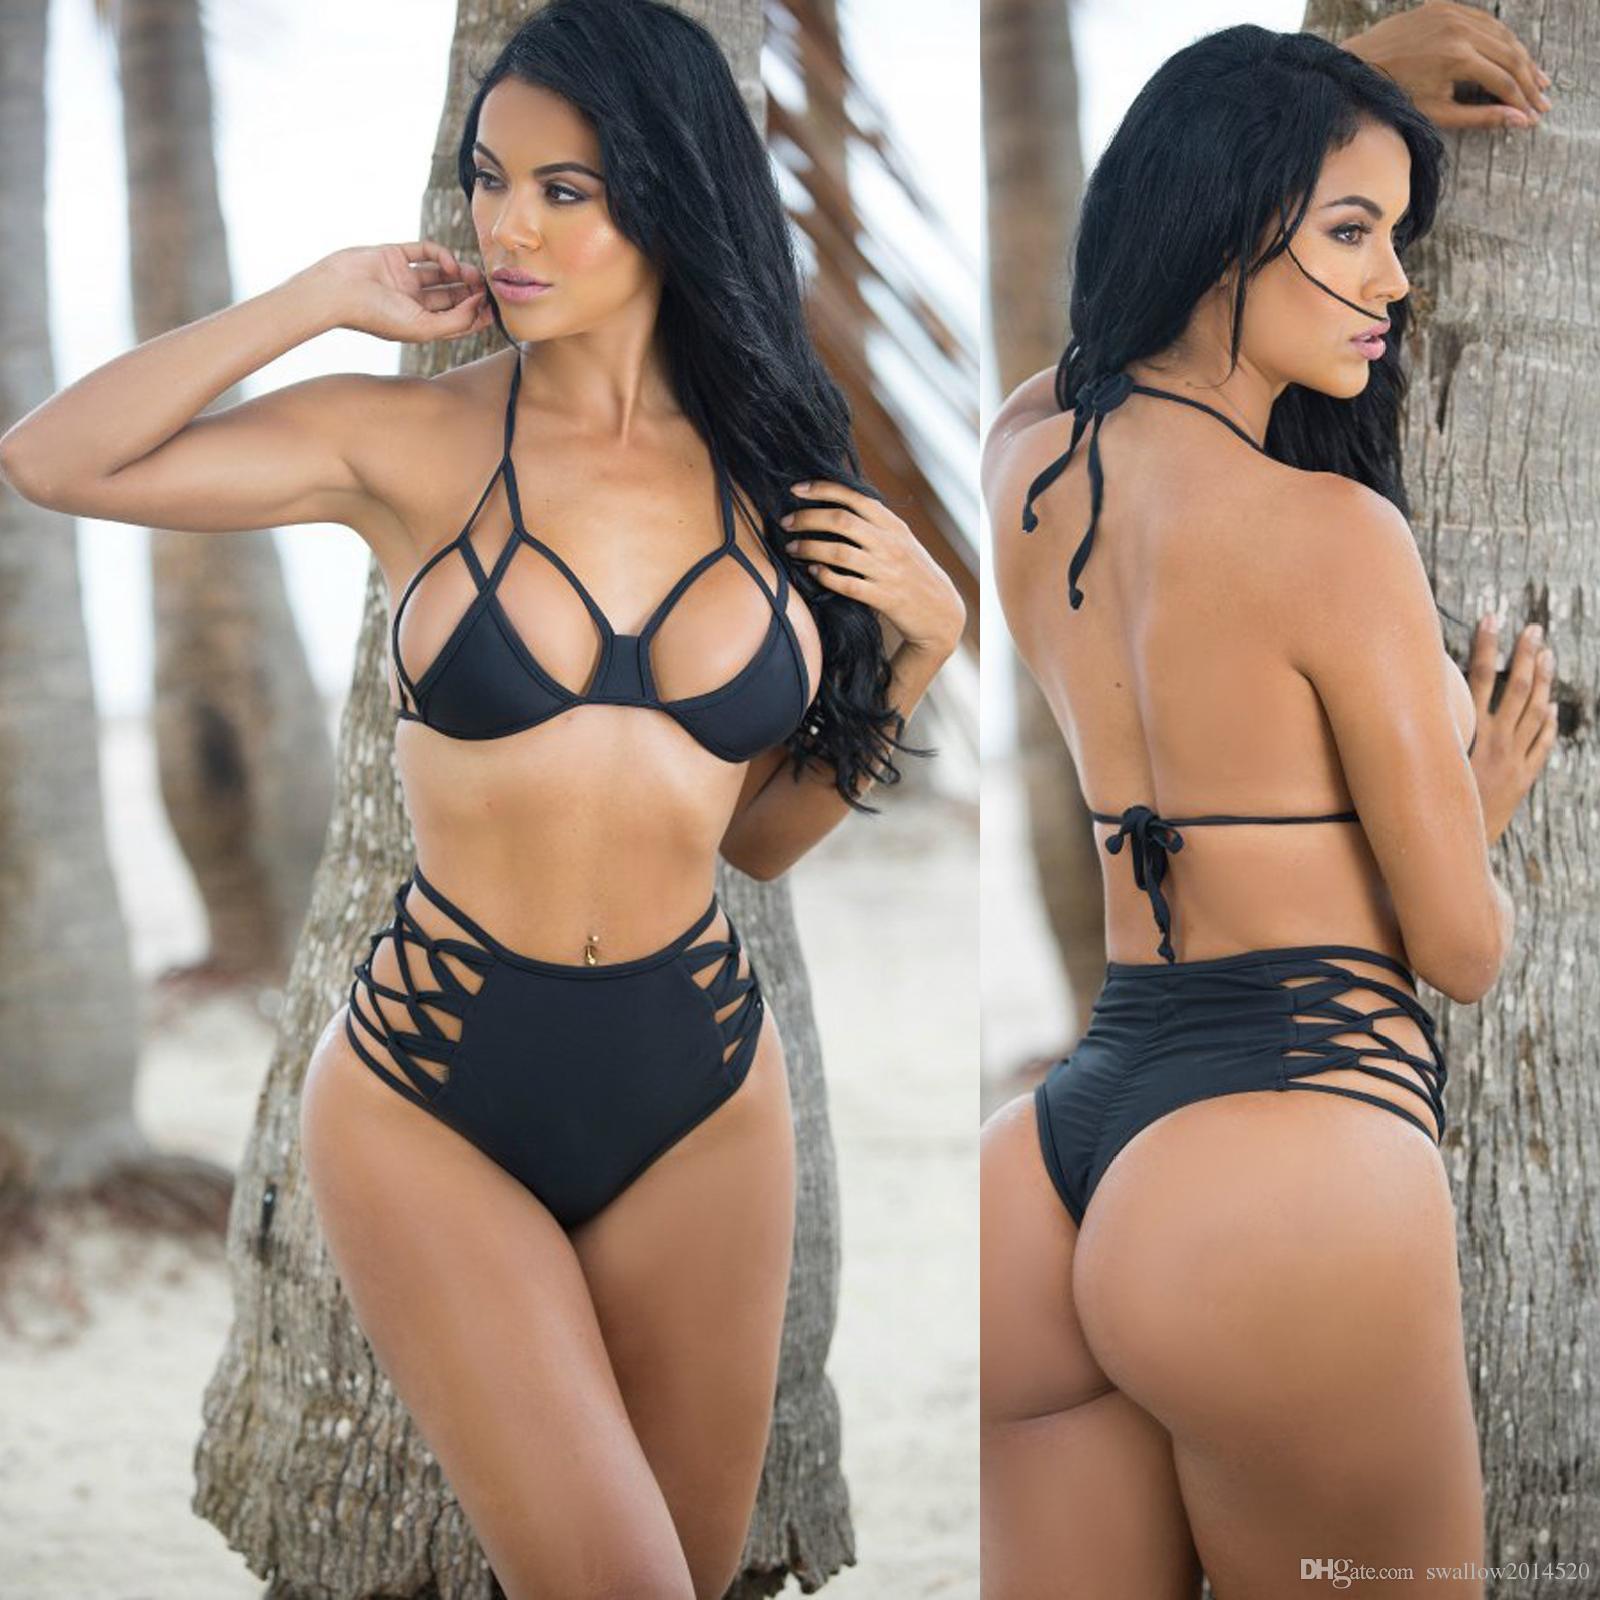 0fc7c64e8d72b5 2017 hot sale sexy women bikini swimwear bandage push up padded swimsuit  high waist bathing suit size S-3XL